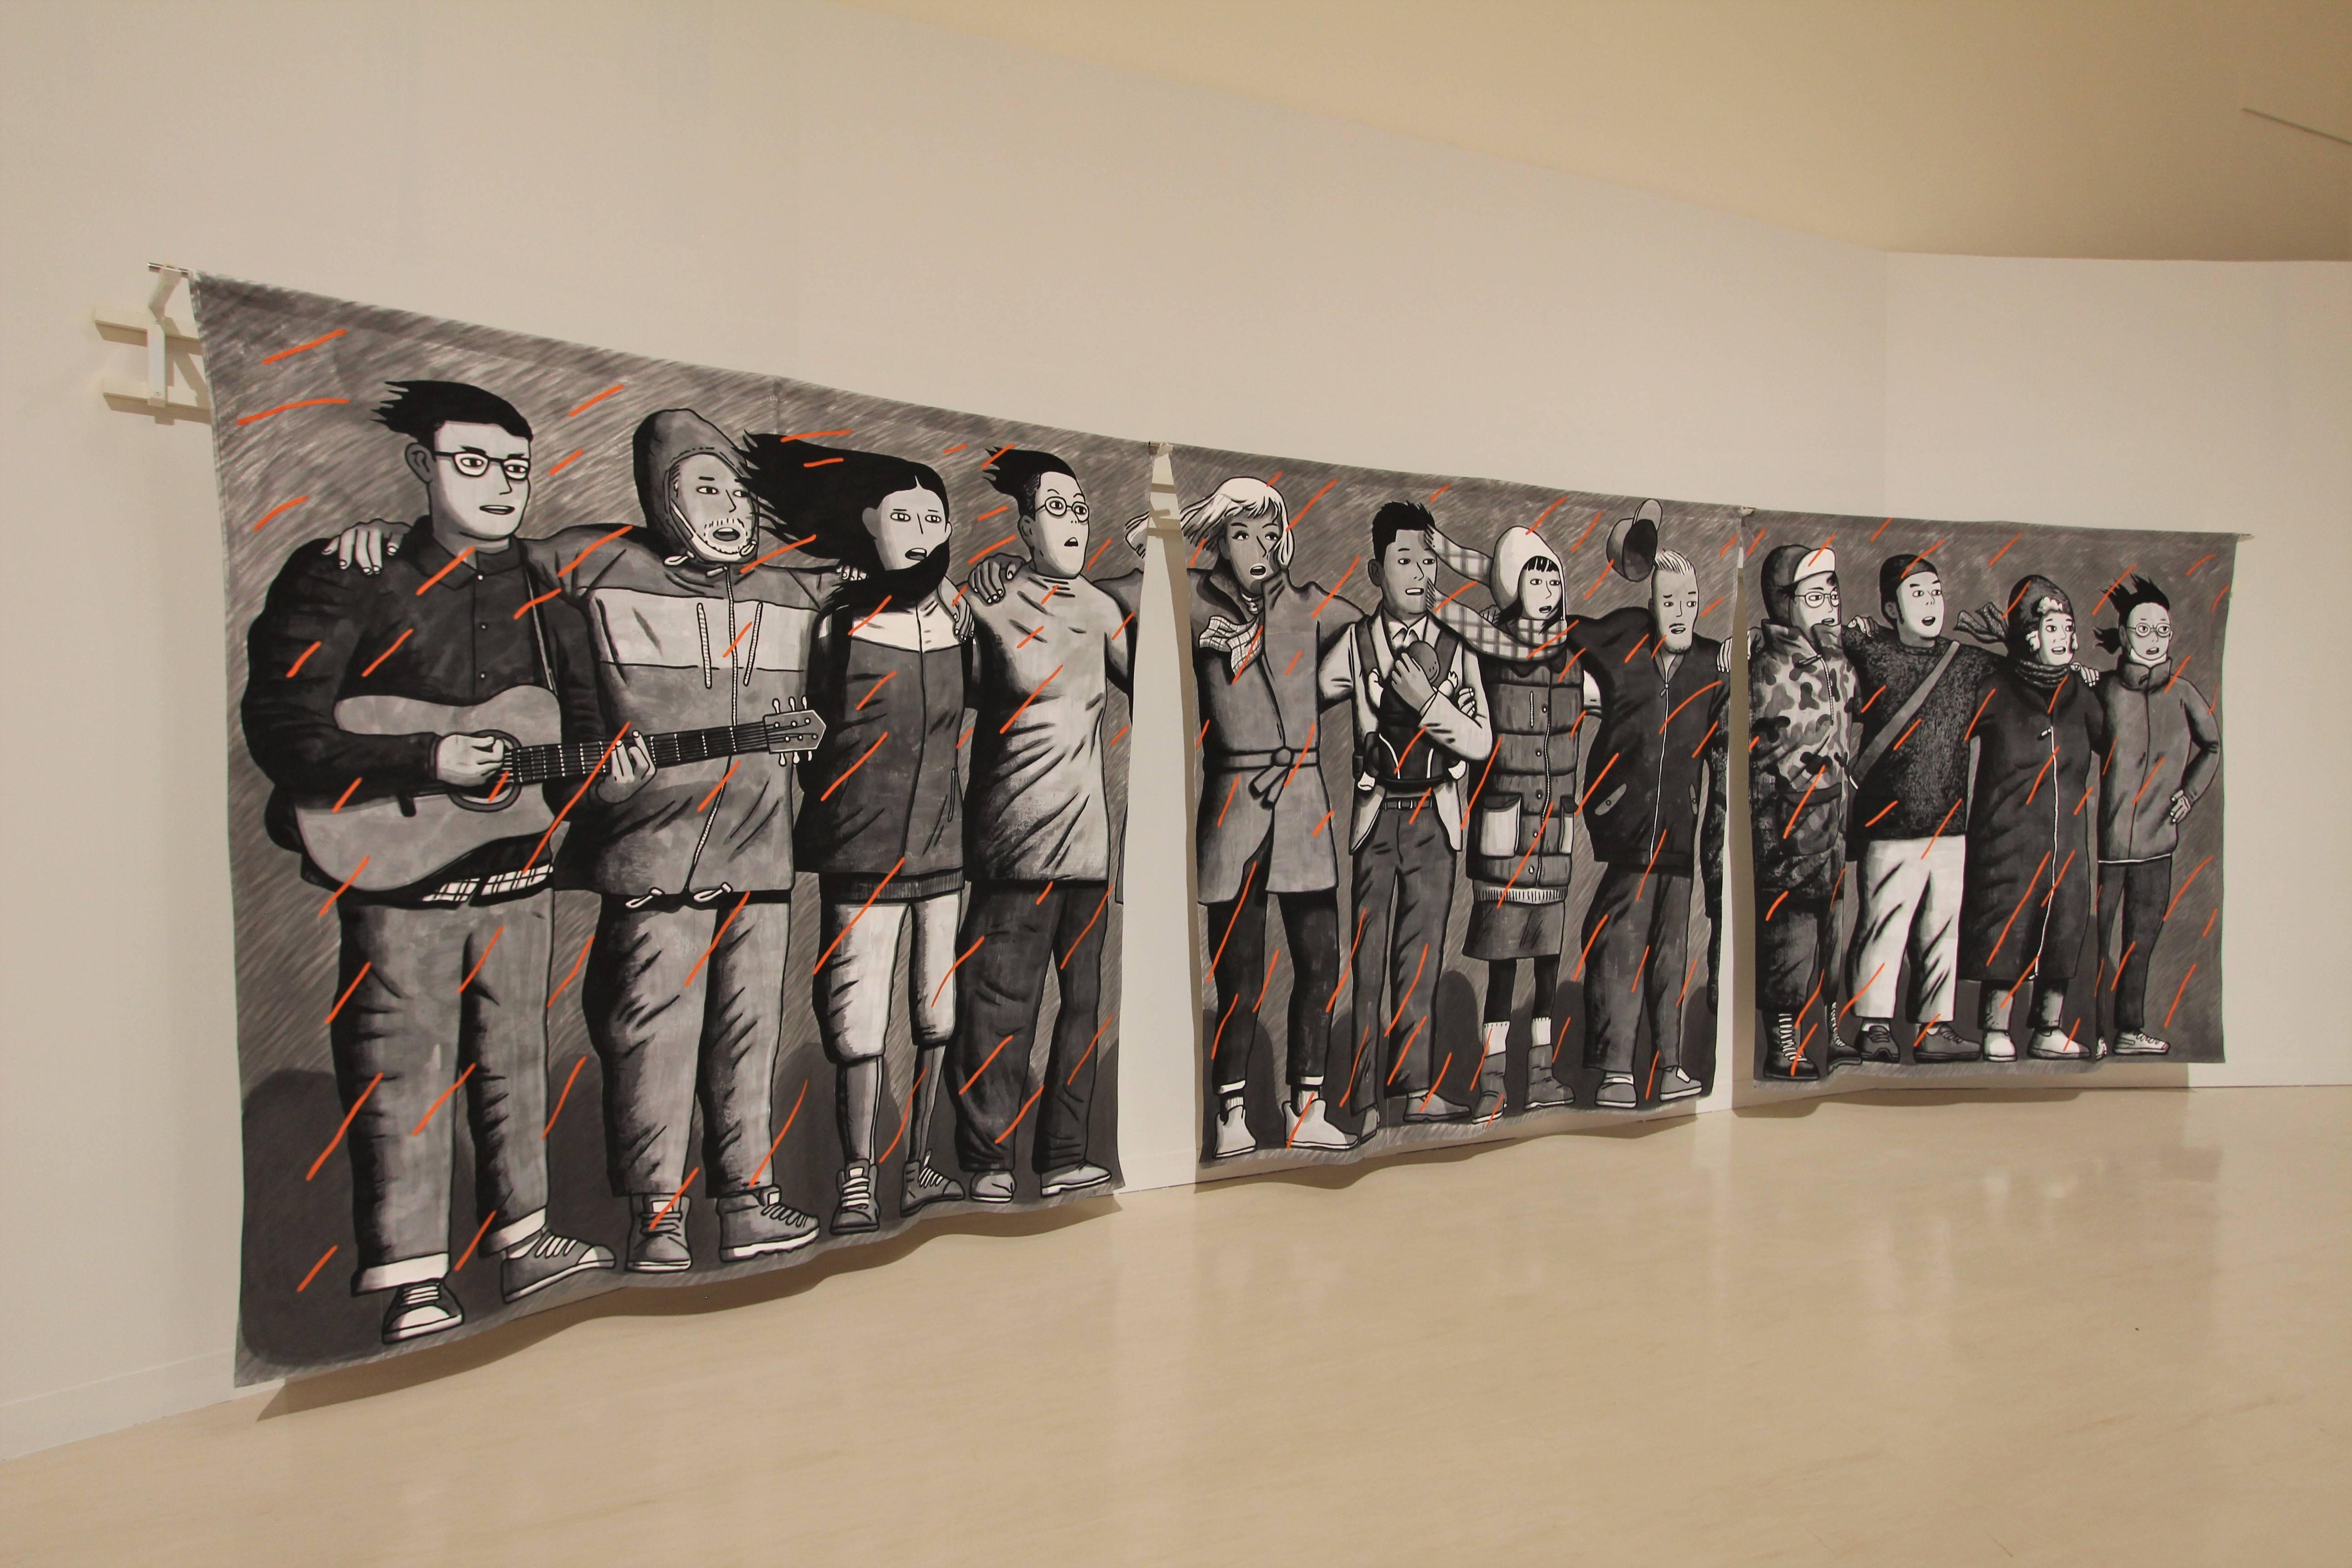 高雄市立美術館 台韓聯合特展 《移動與遷徙 - 從地方到他方的故事》